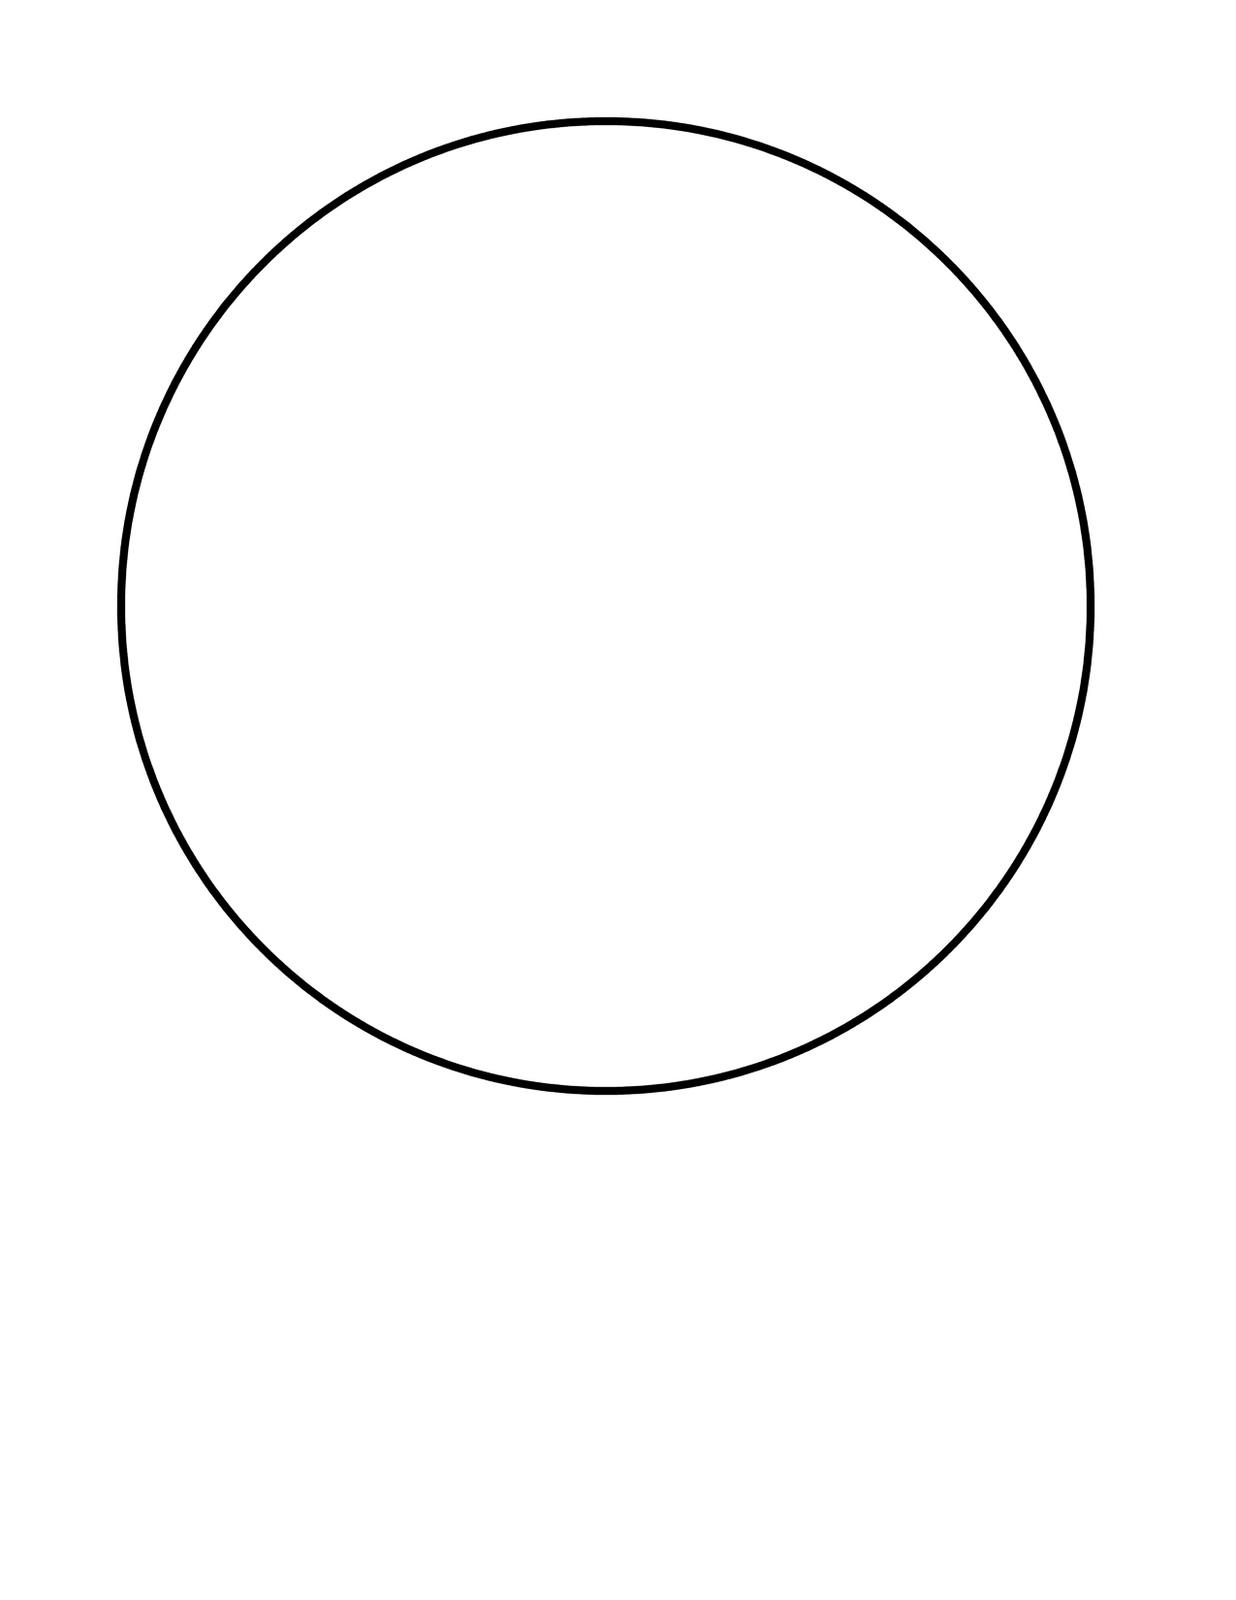 circle coloring page jocuri pentru copii mari şi mici fişe de colorat forme circle coloring page